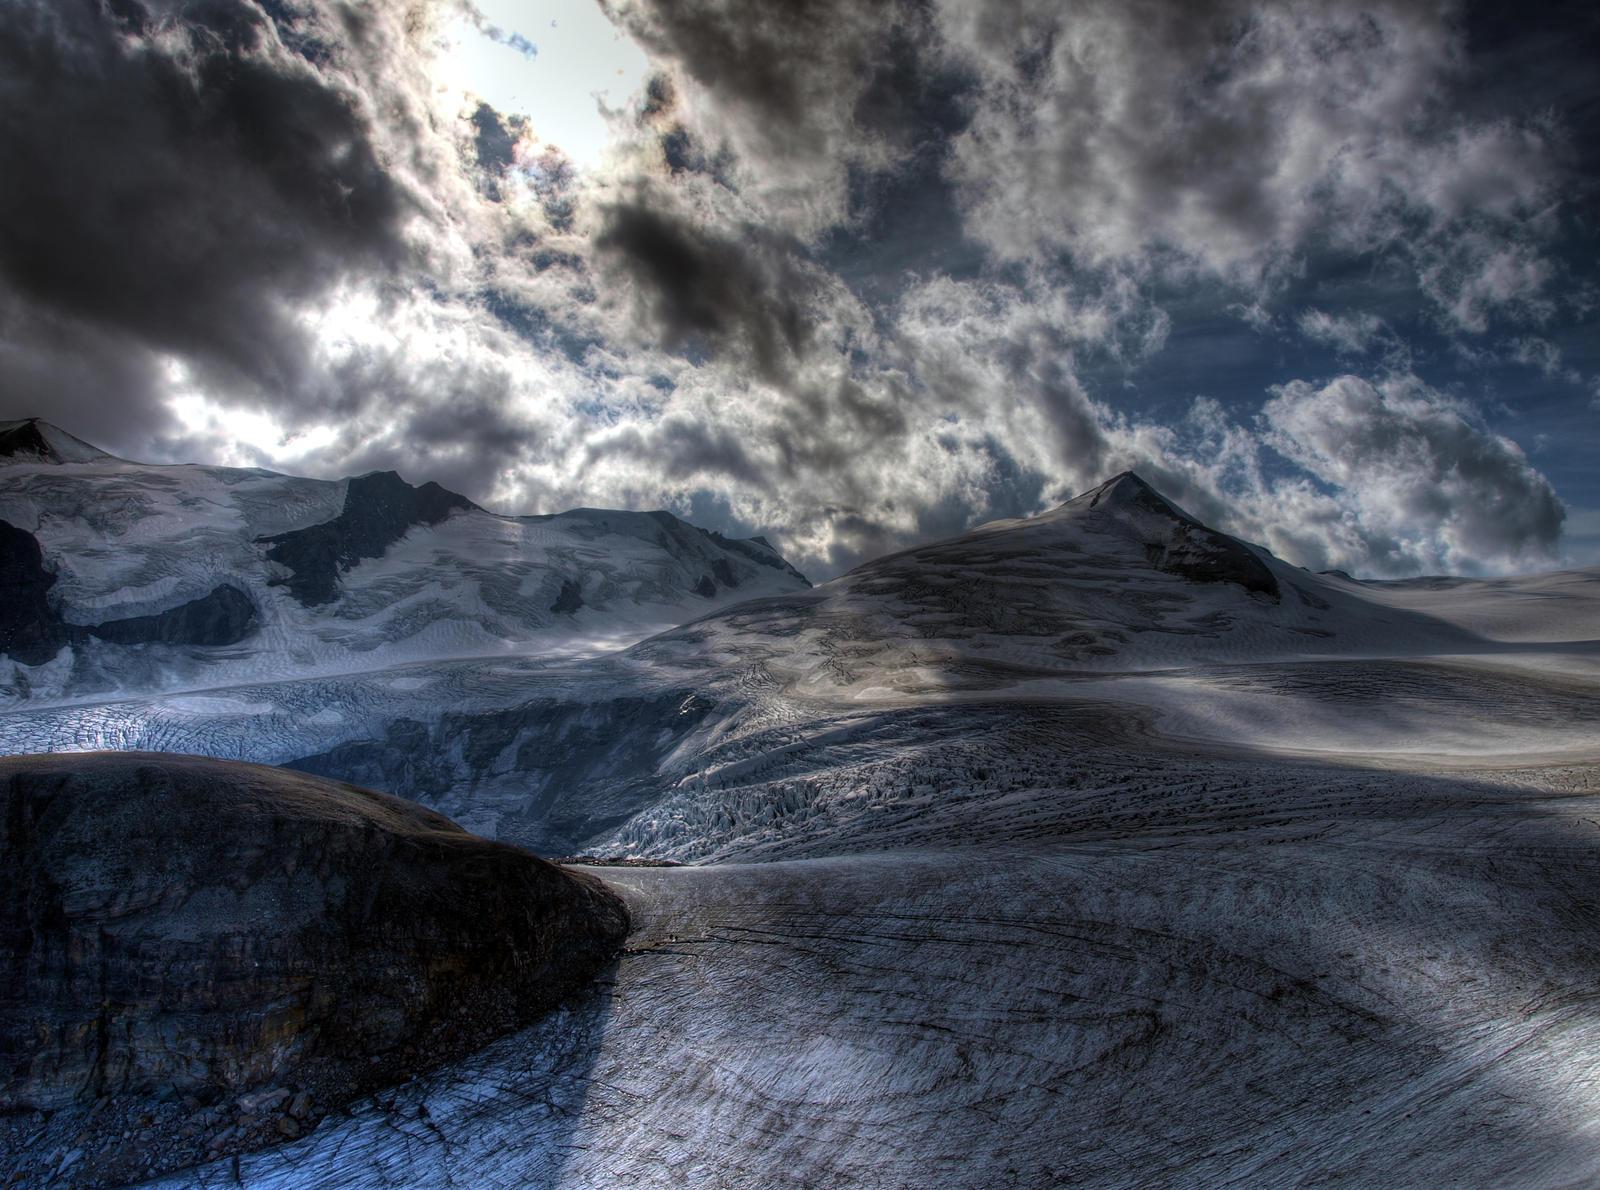 Sky And Shadows by Burtn